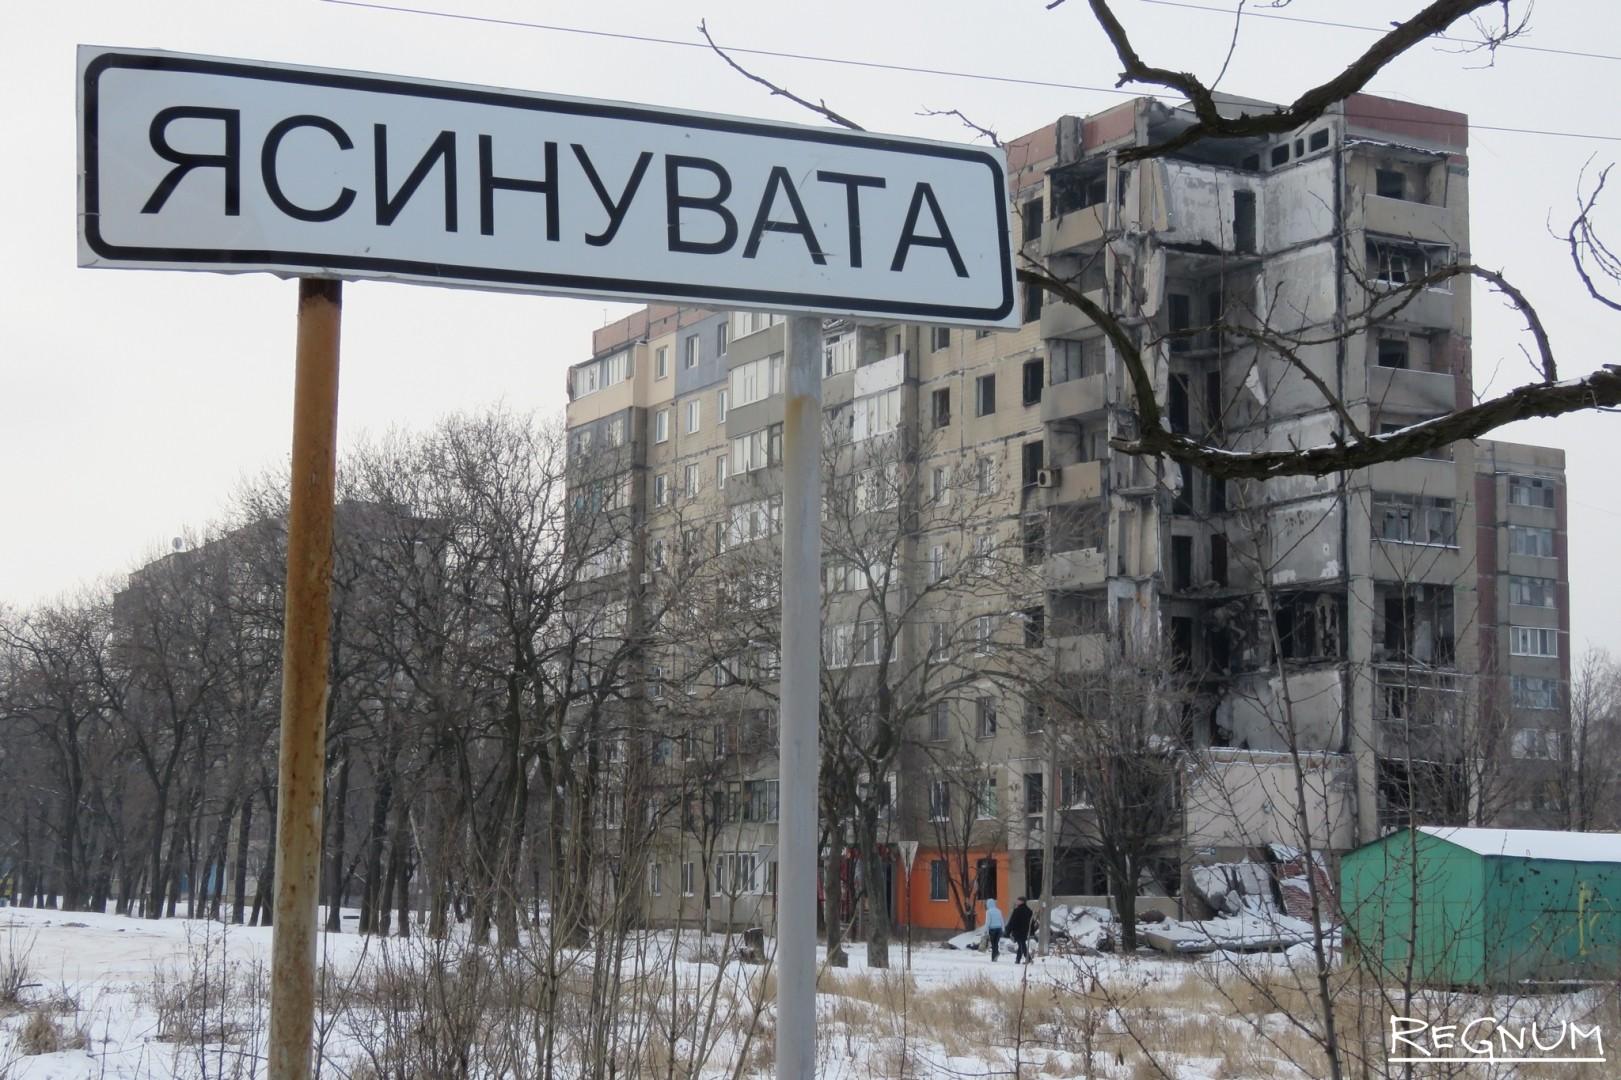 Разрушенные артиллерией жилые дома. Ясиноватая. ДНР. 2016.